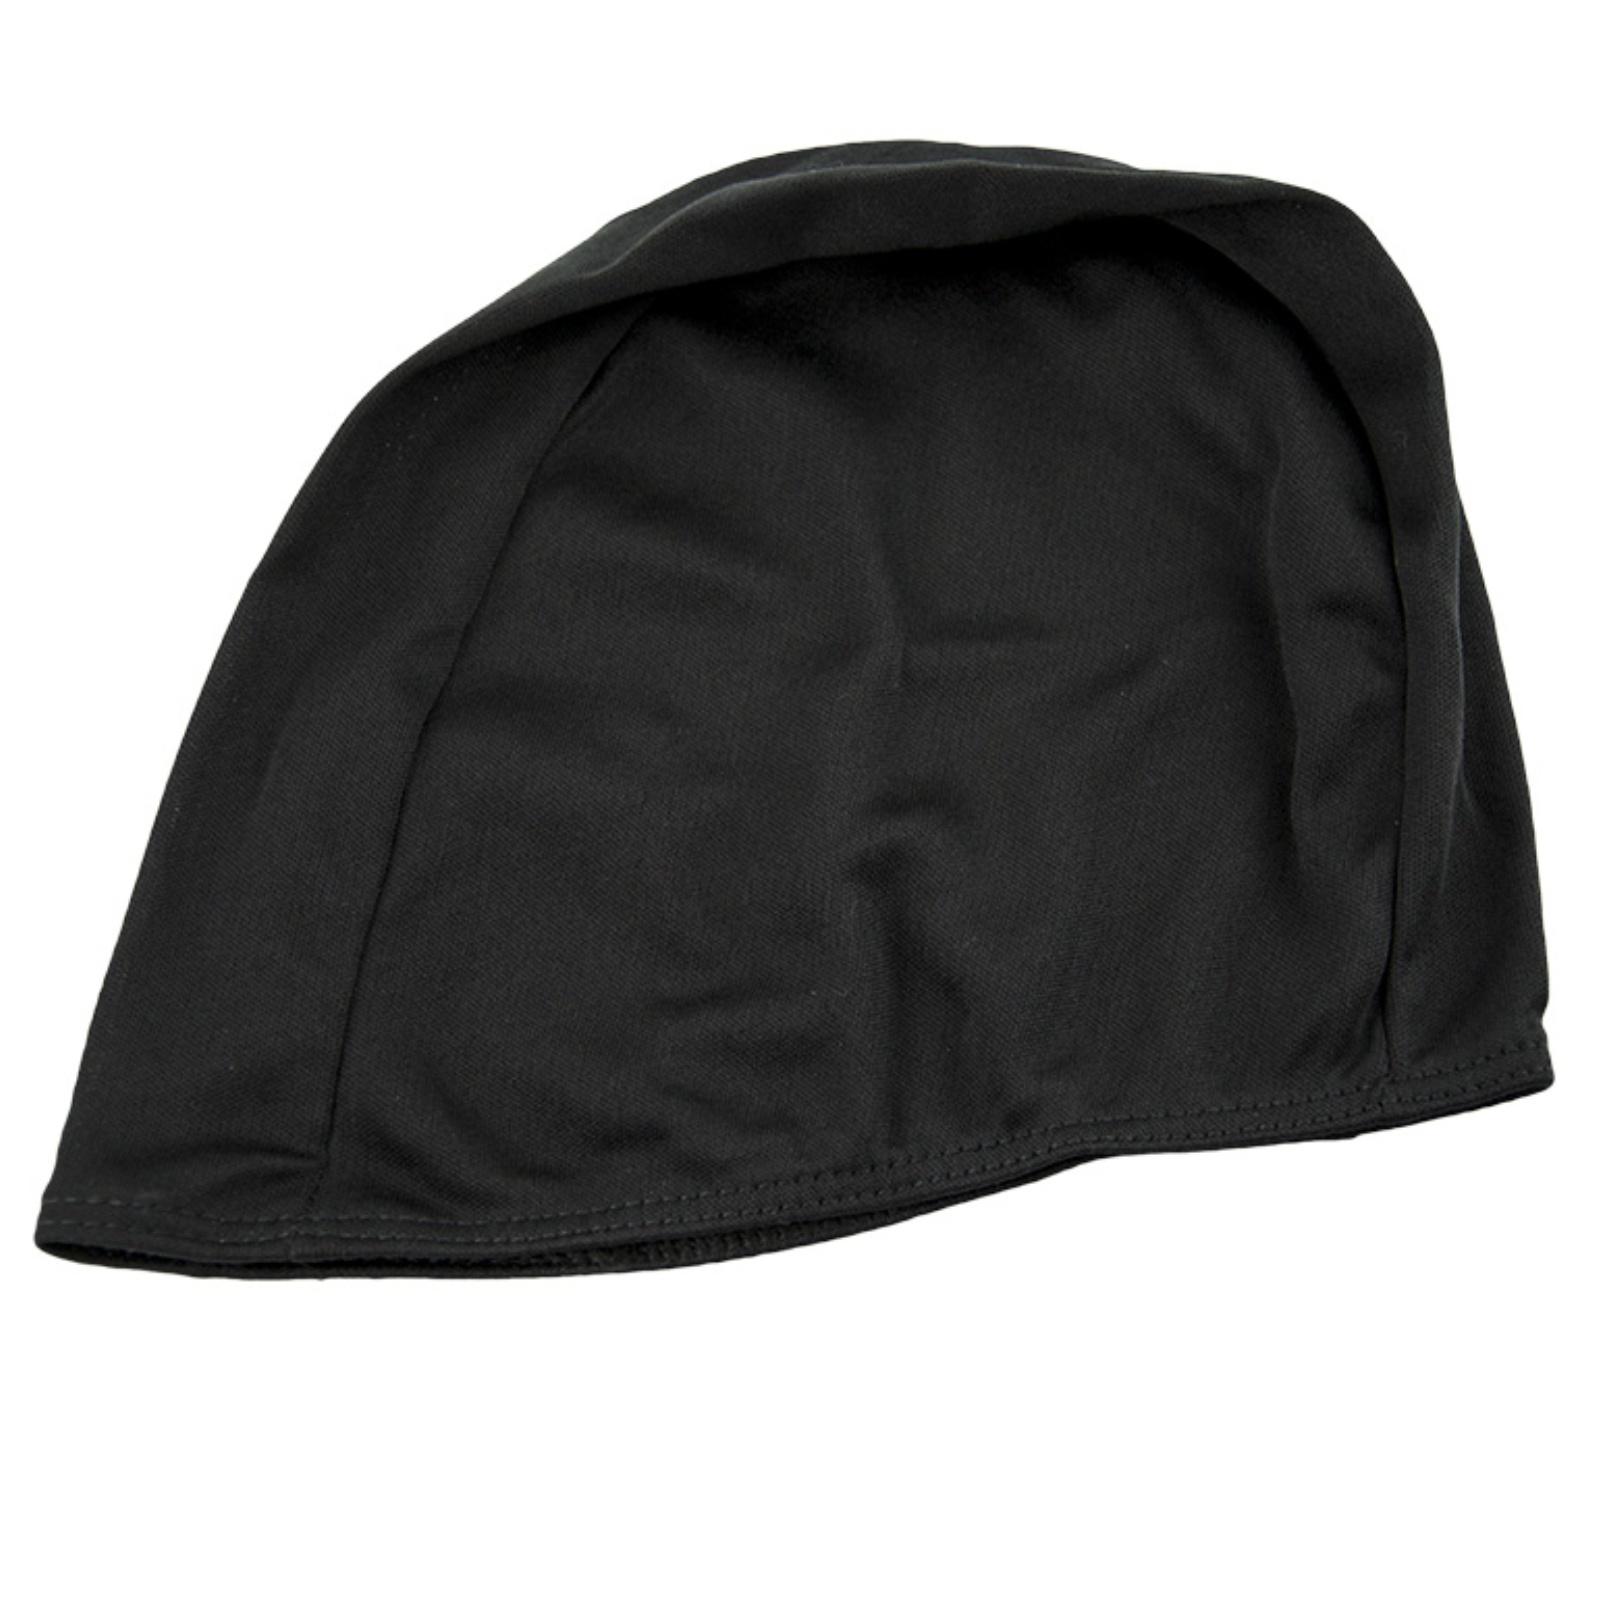 Koupací čepice Polyamid 1901 senior - černá